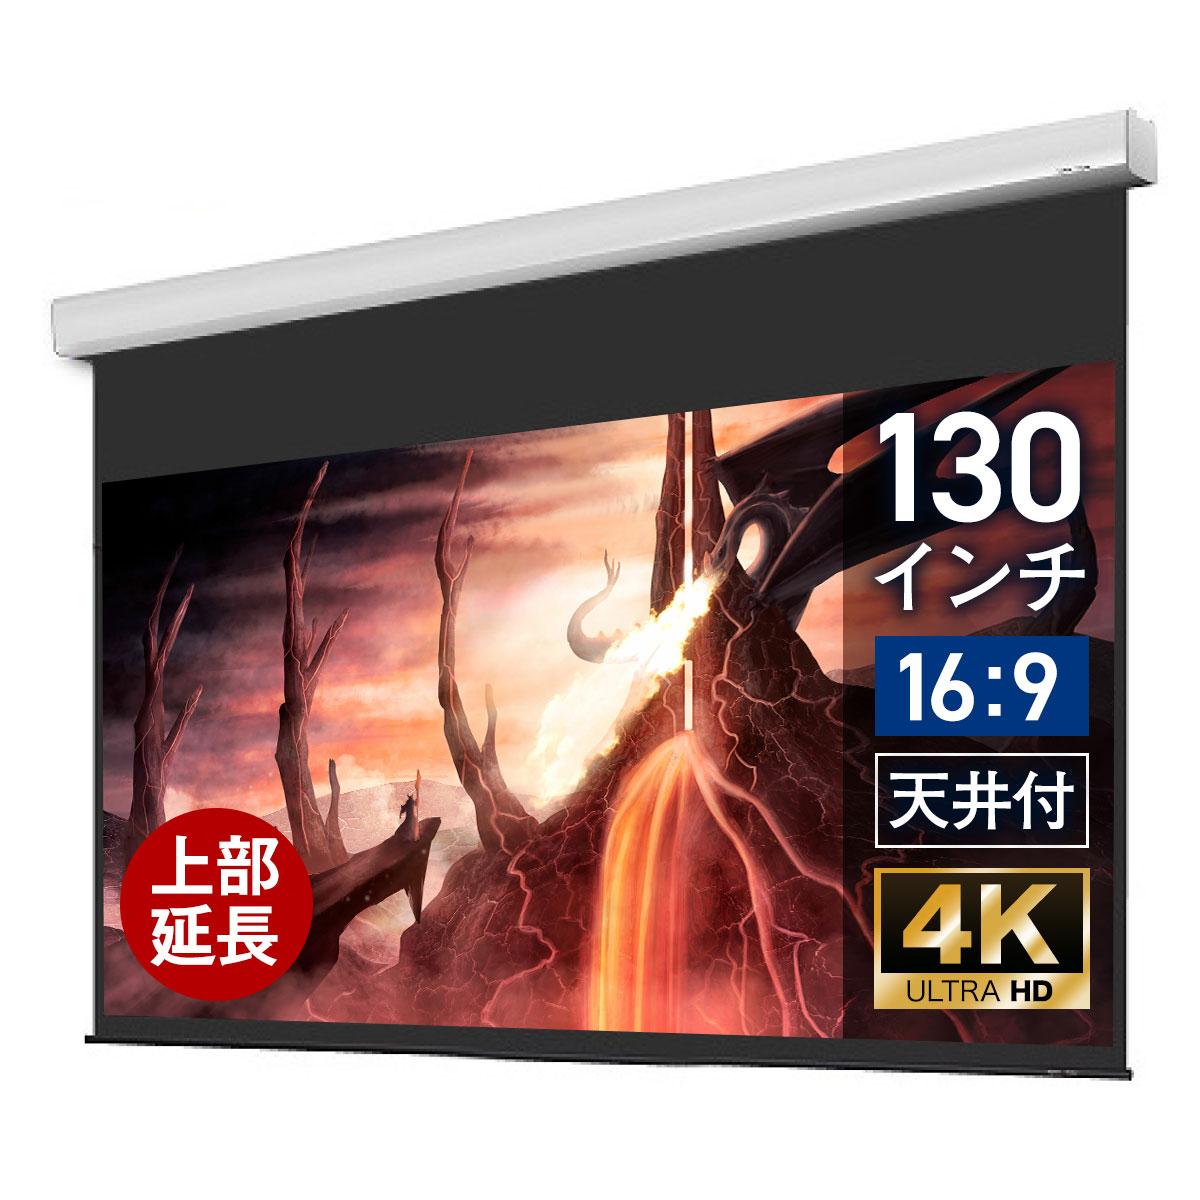 シアターハウス 電動プロジェクタースクリーン ケース付き (16:9) 130インチ ブラックマスク ロングタイプ 日本製 WCB2879WEM-H2300